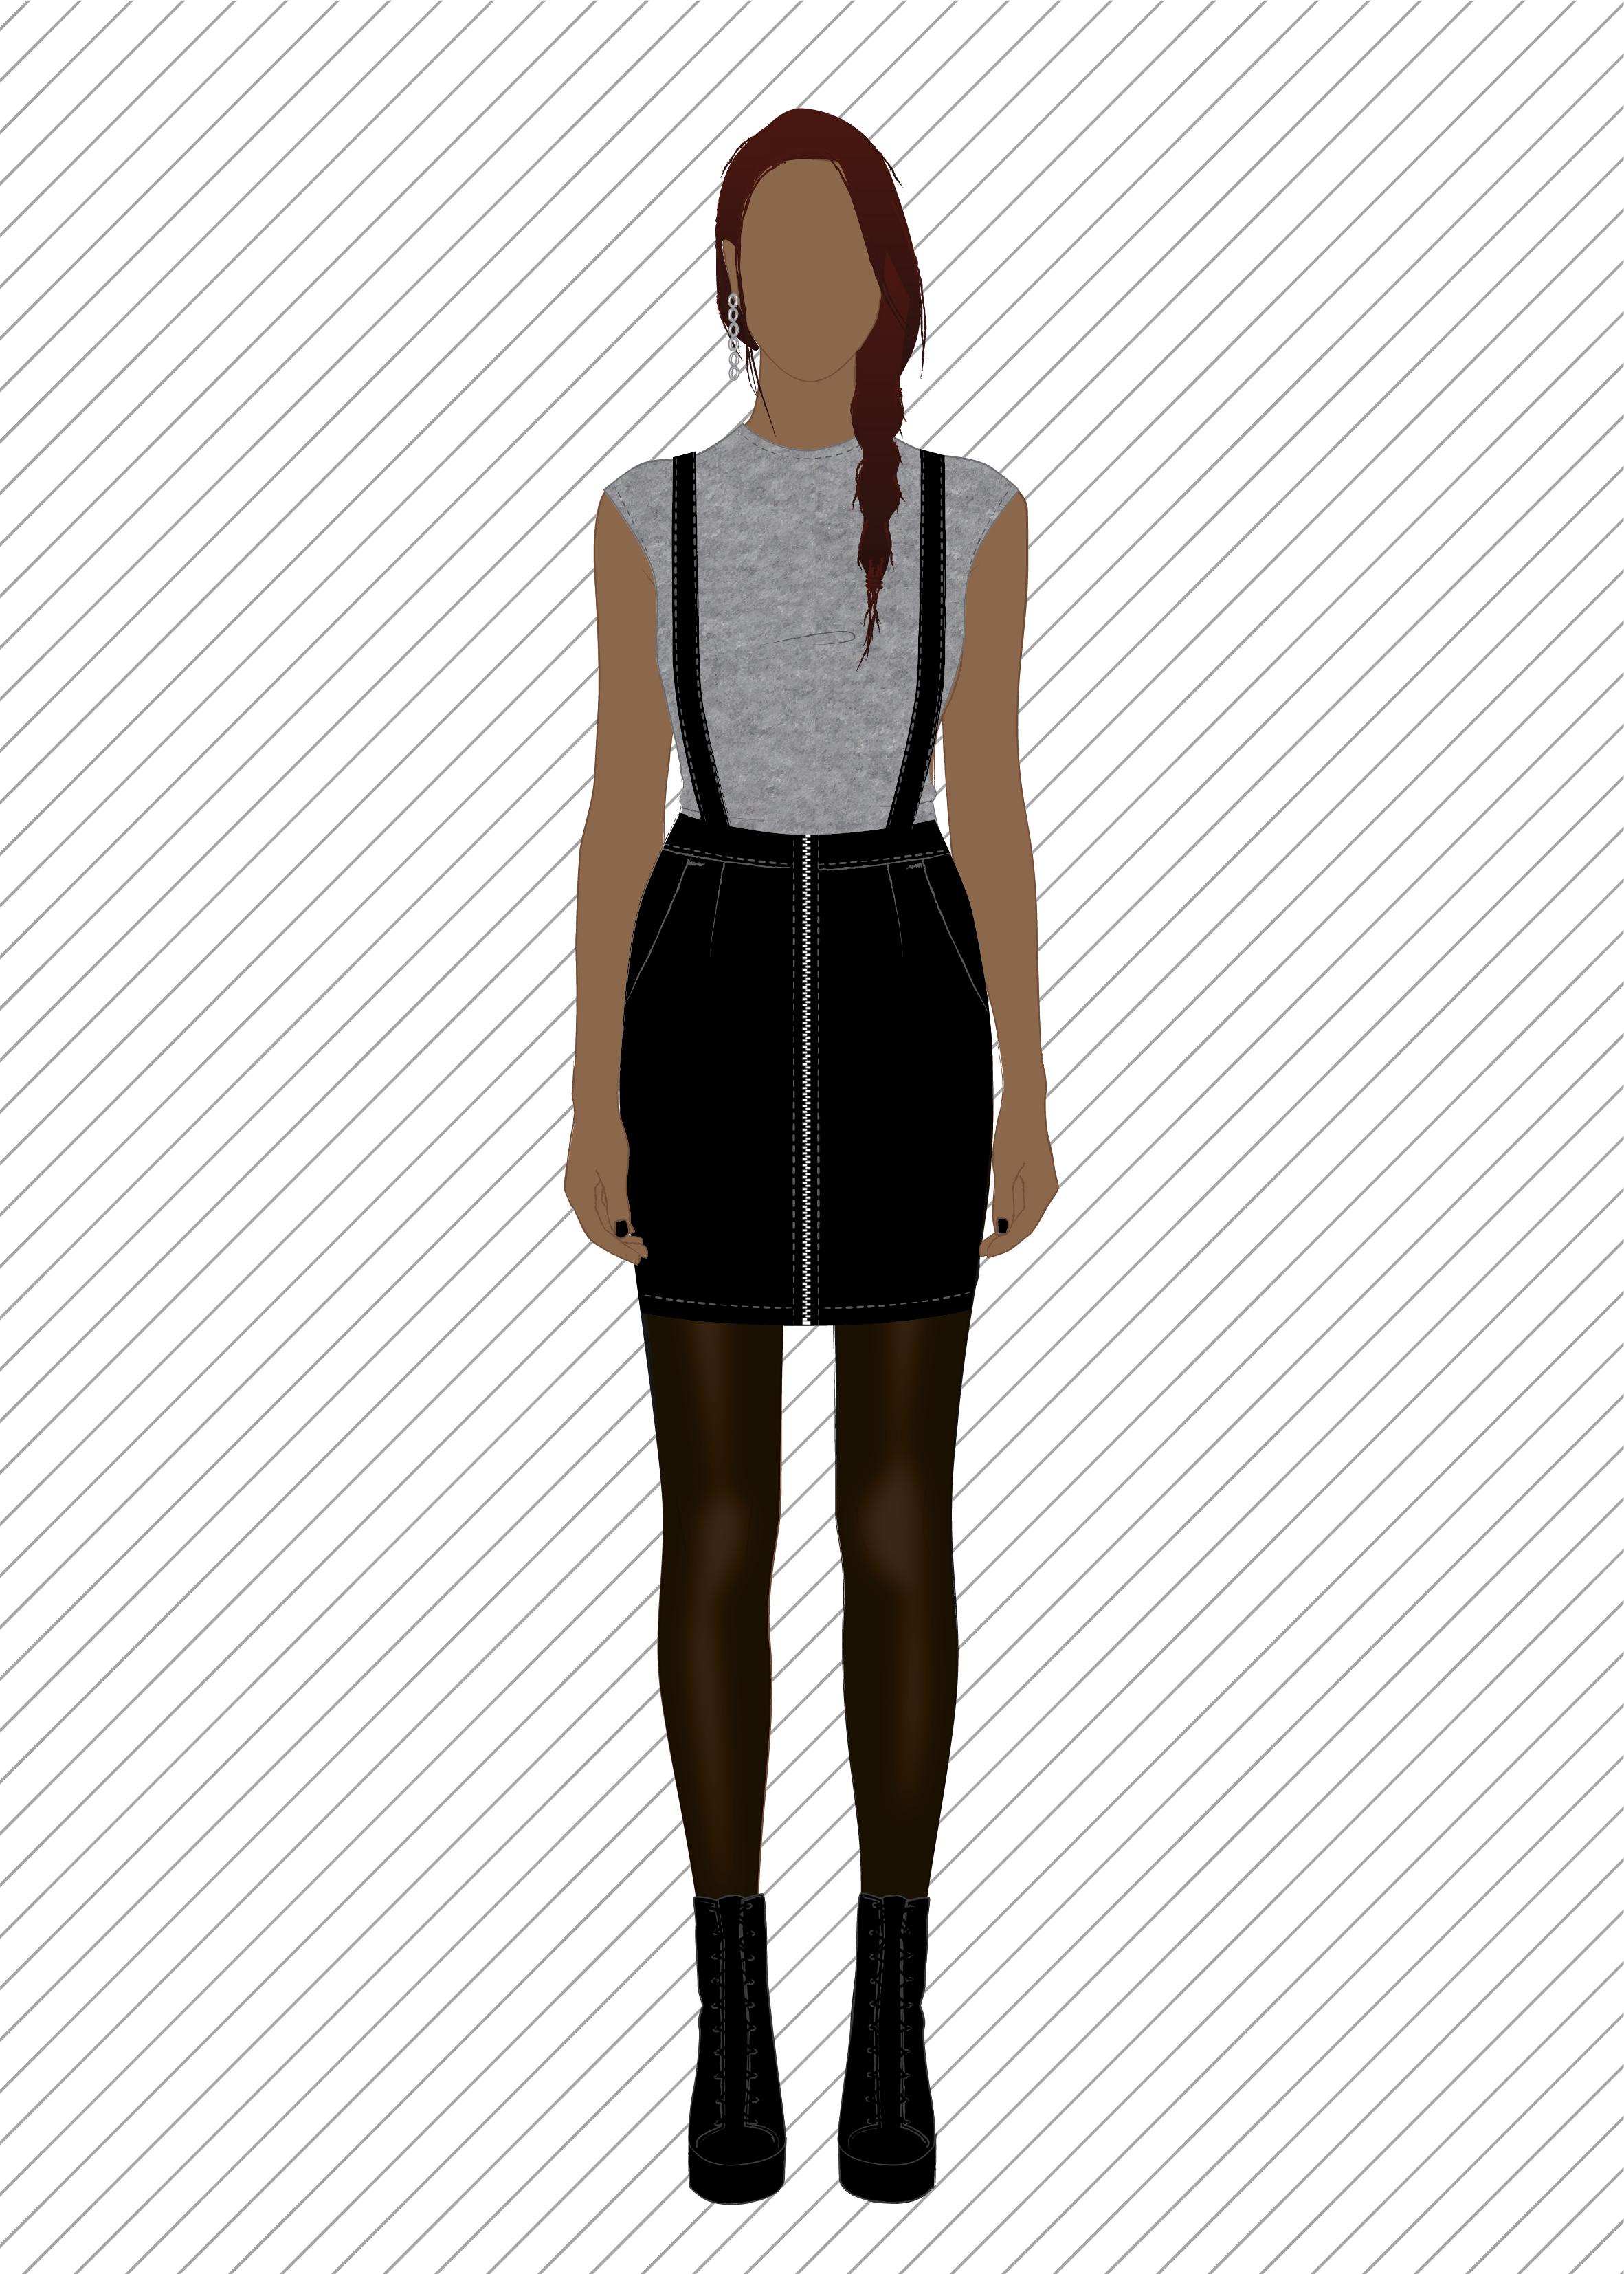 SK707 Jupe à bretelles - Patron de couture PDF